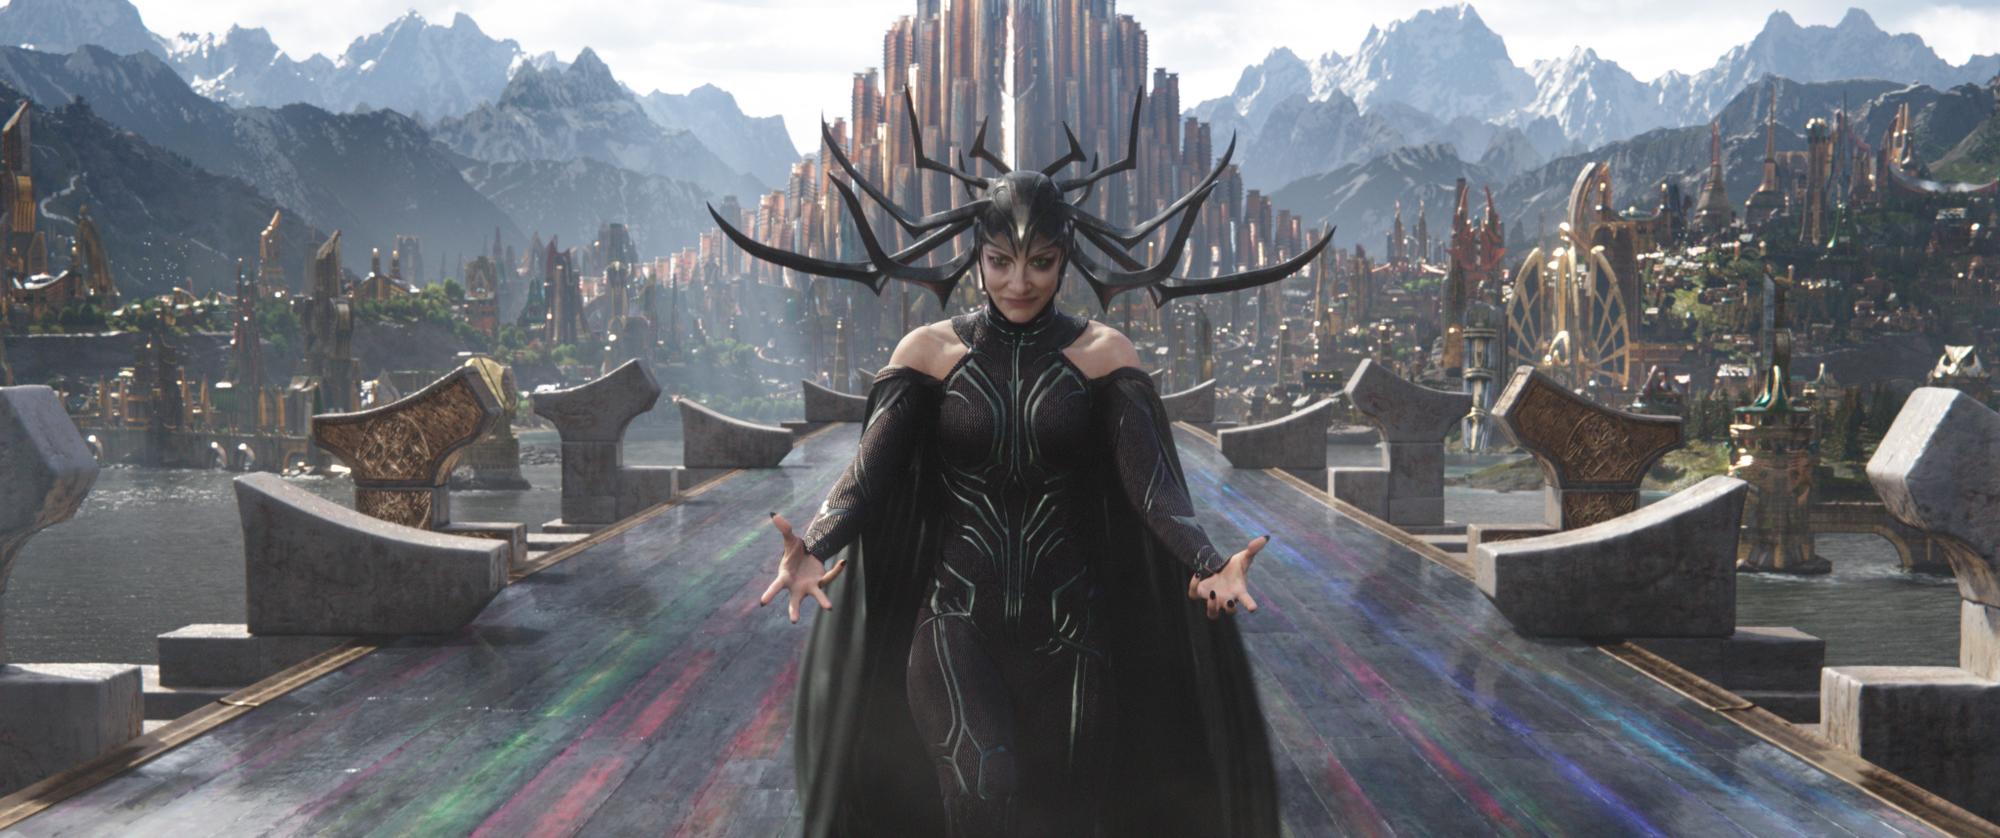 Box Office: Listopad patří holkám z Thora i odjinud | Fandíme filmu